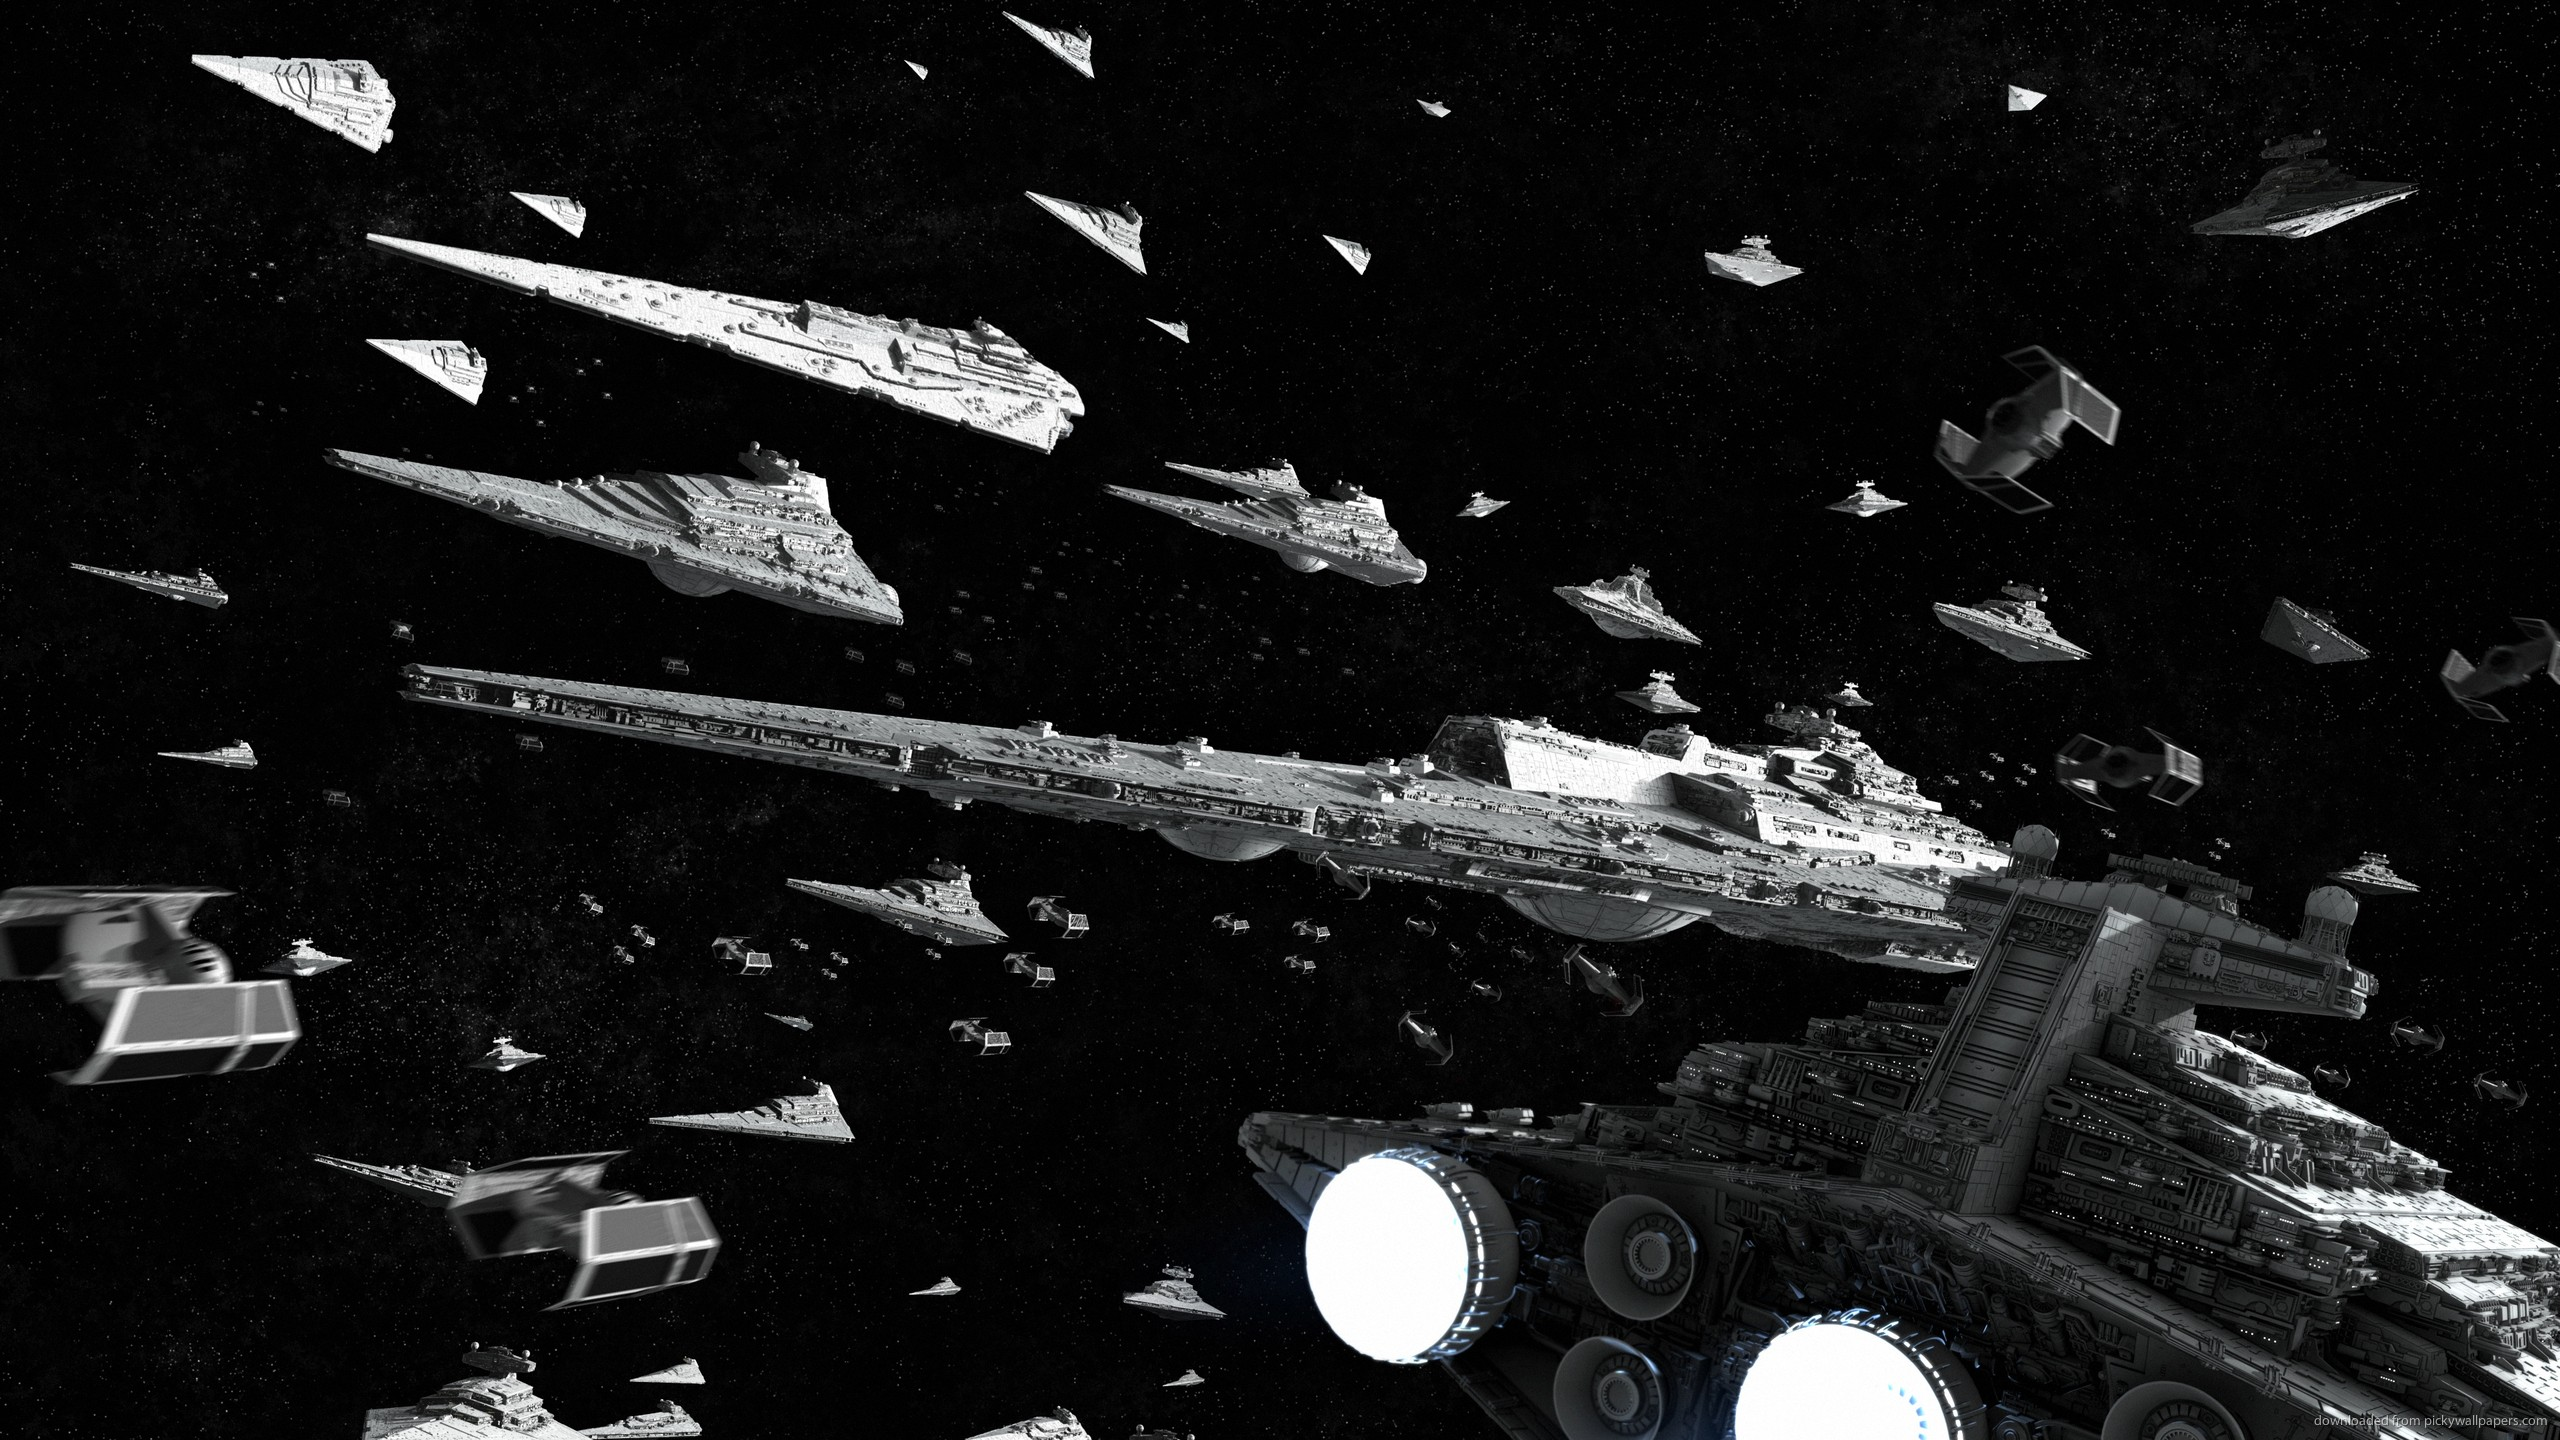 2560x1440 star wars republic - photo #18